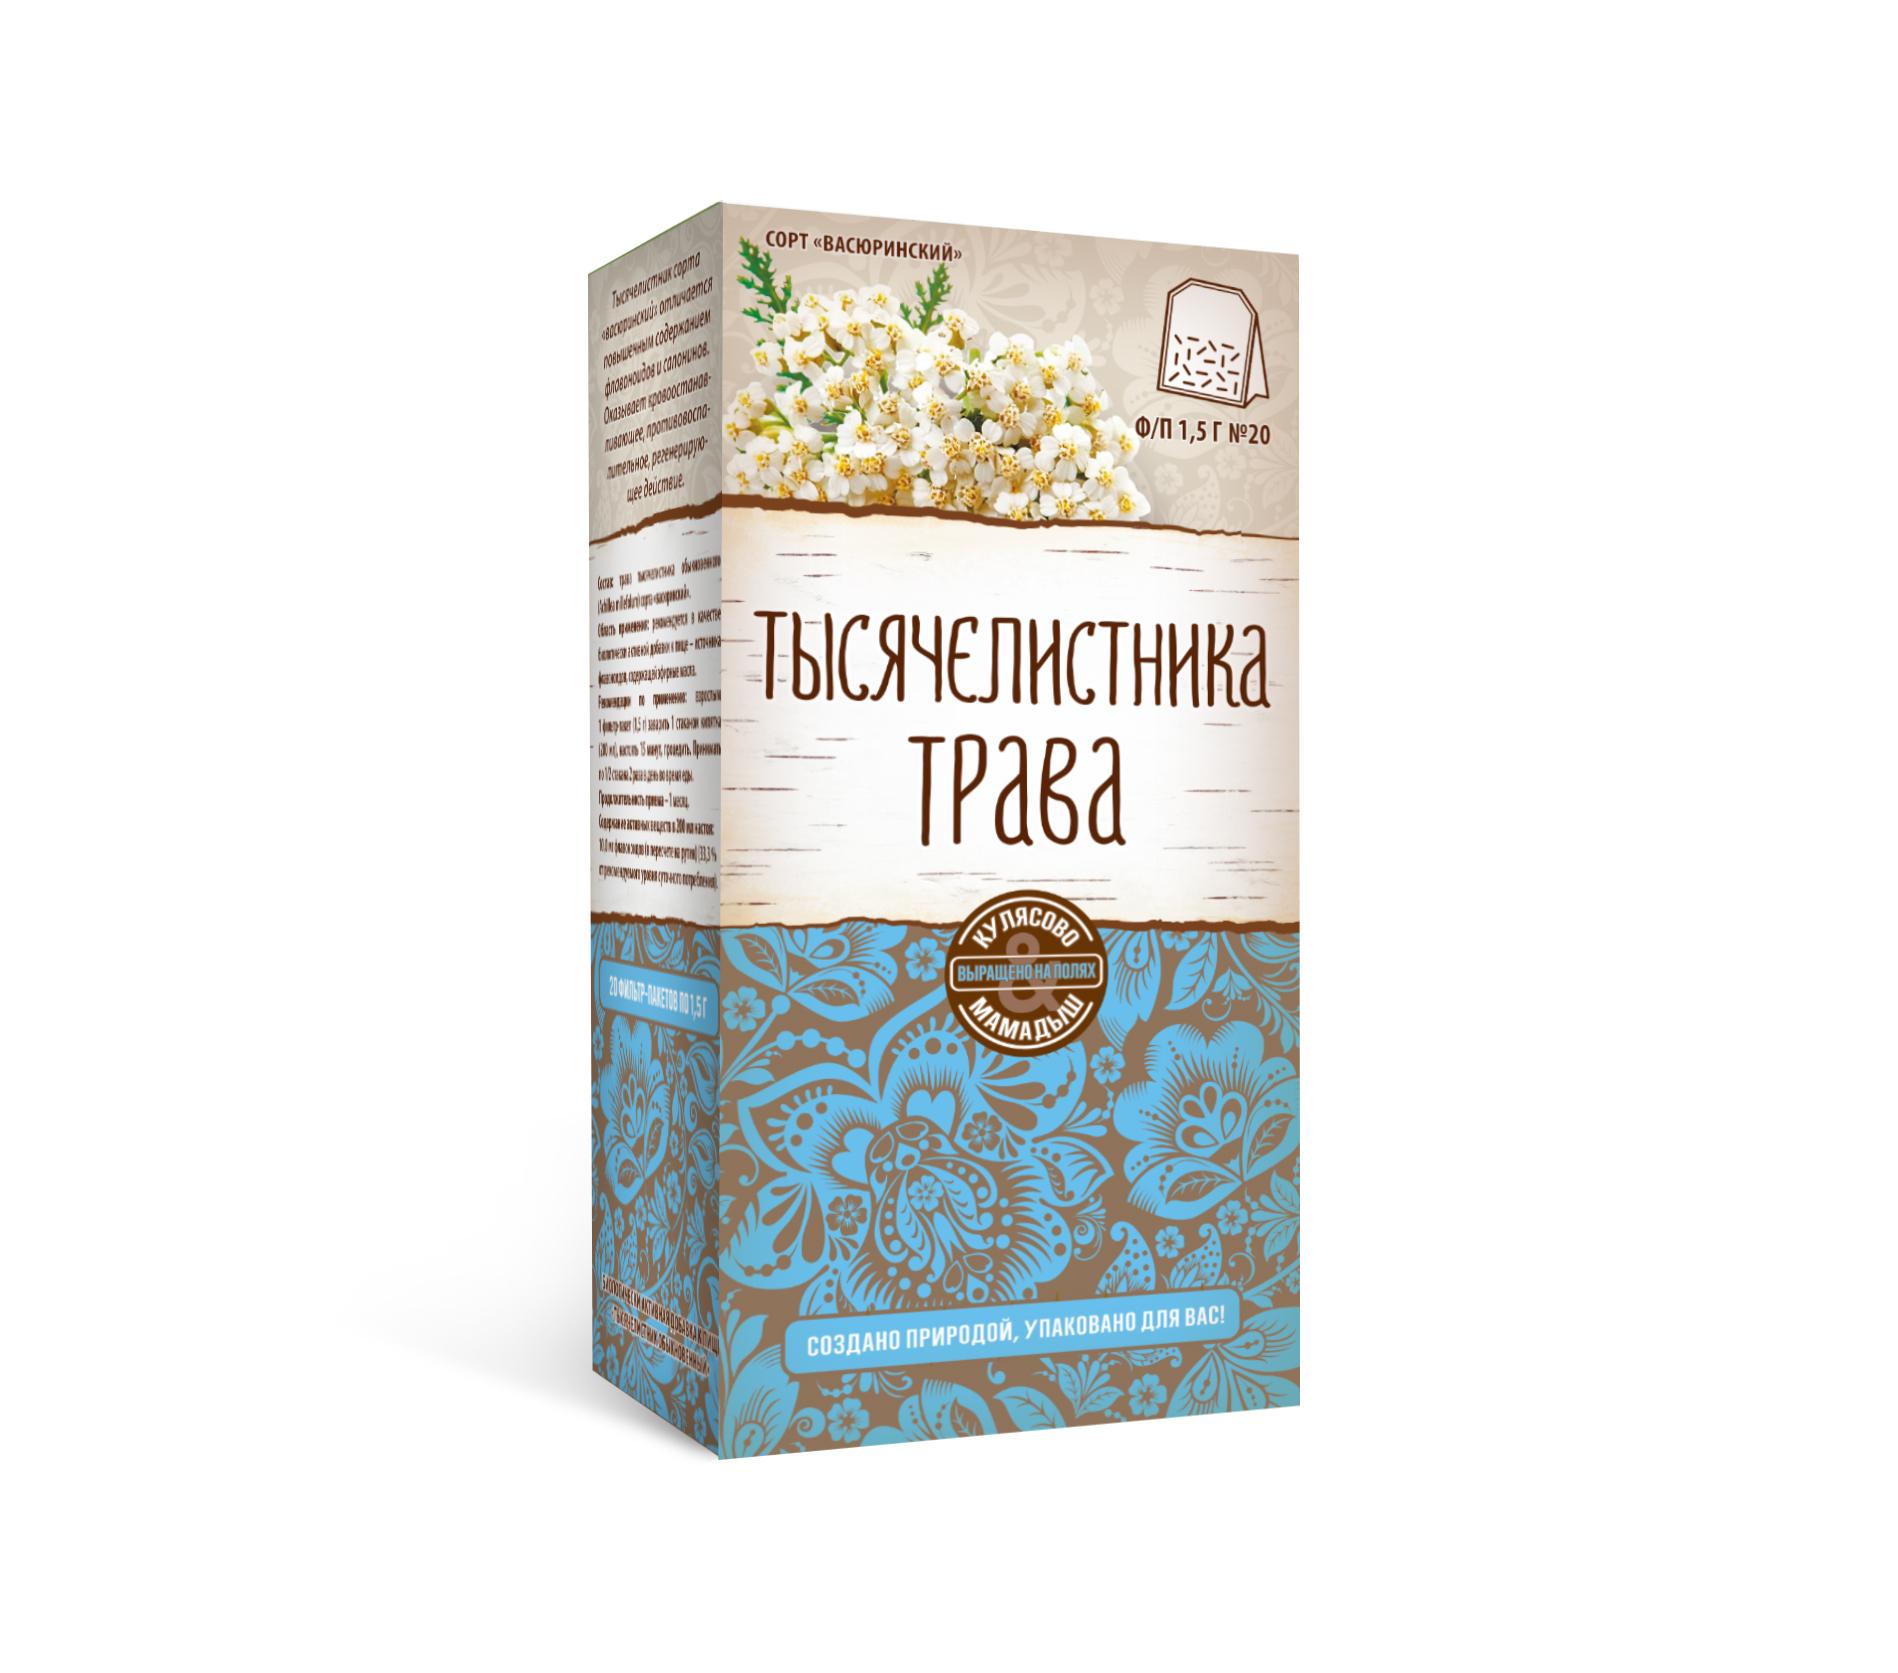 Тысячелистника трава (фильтр-пакеты): описание, инструкция по применению